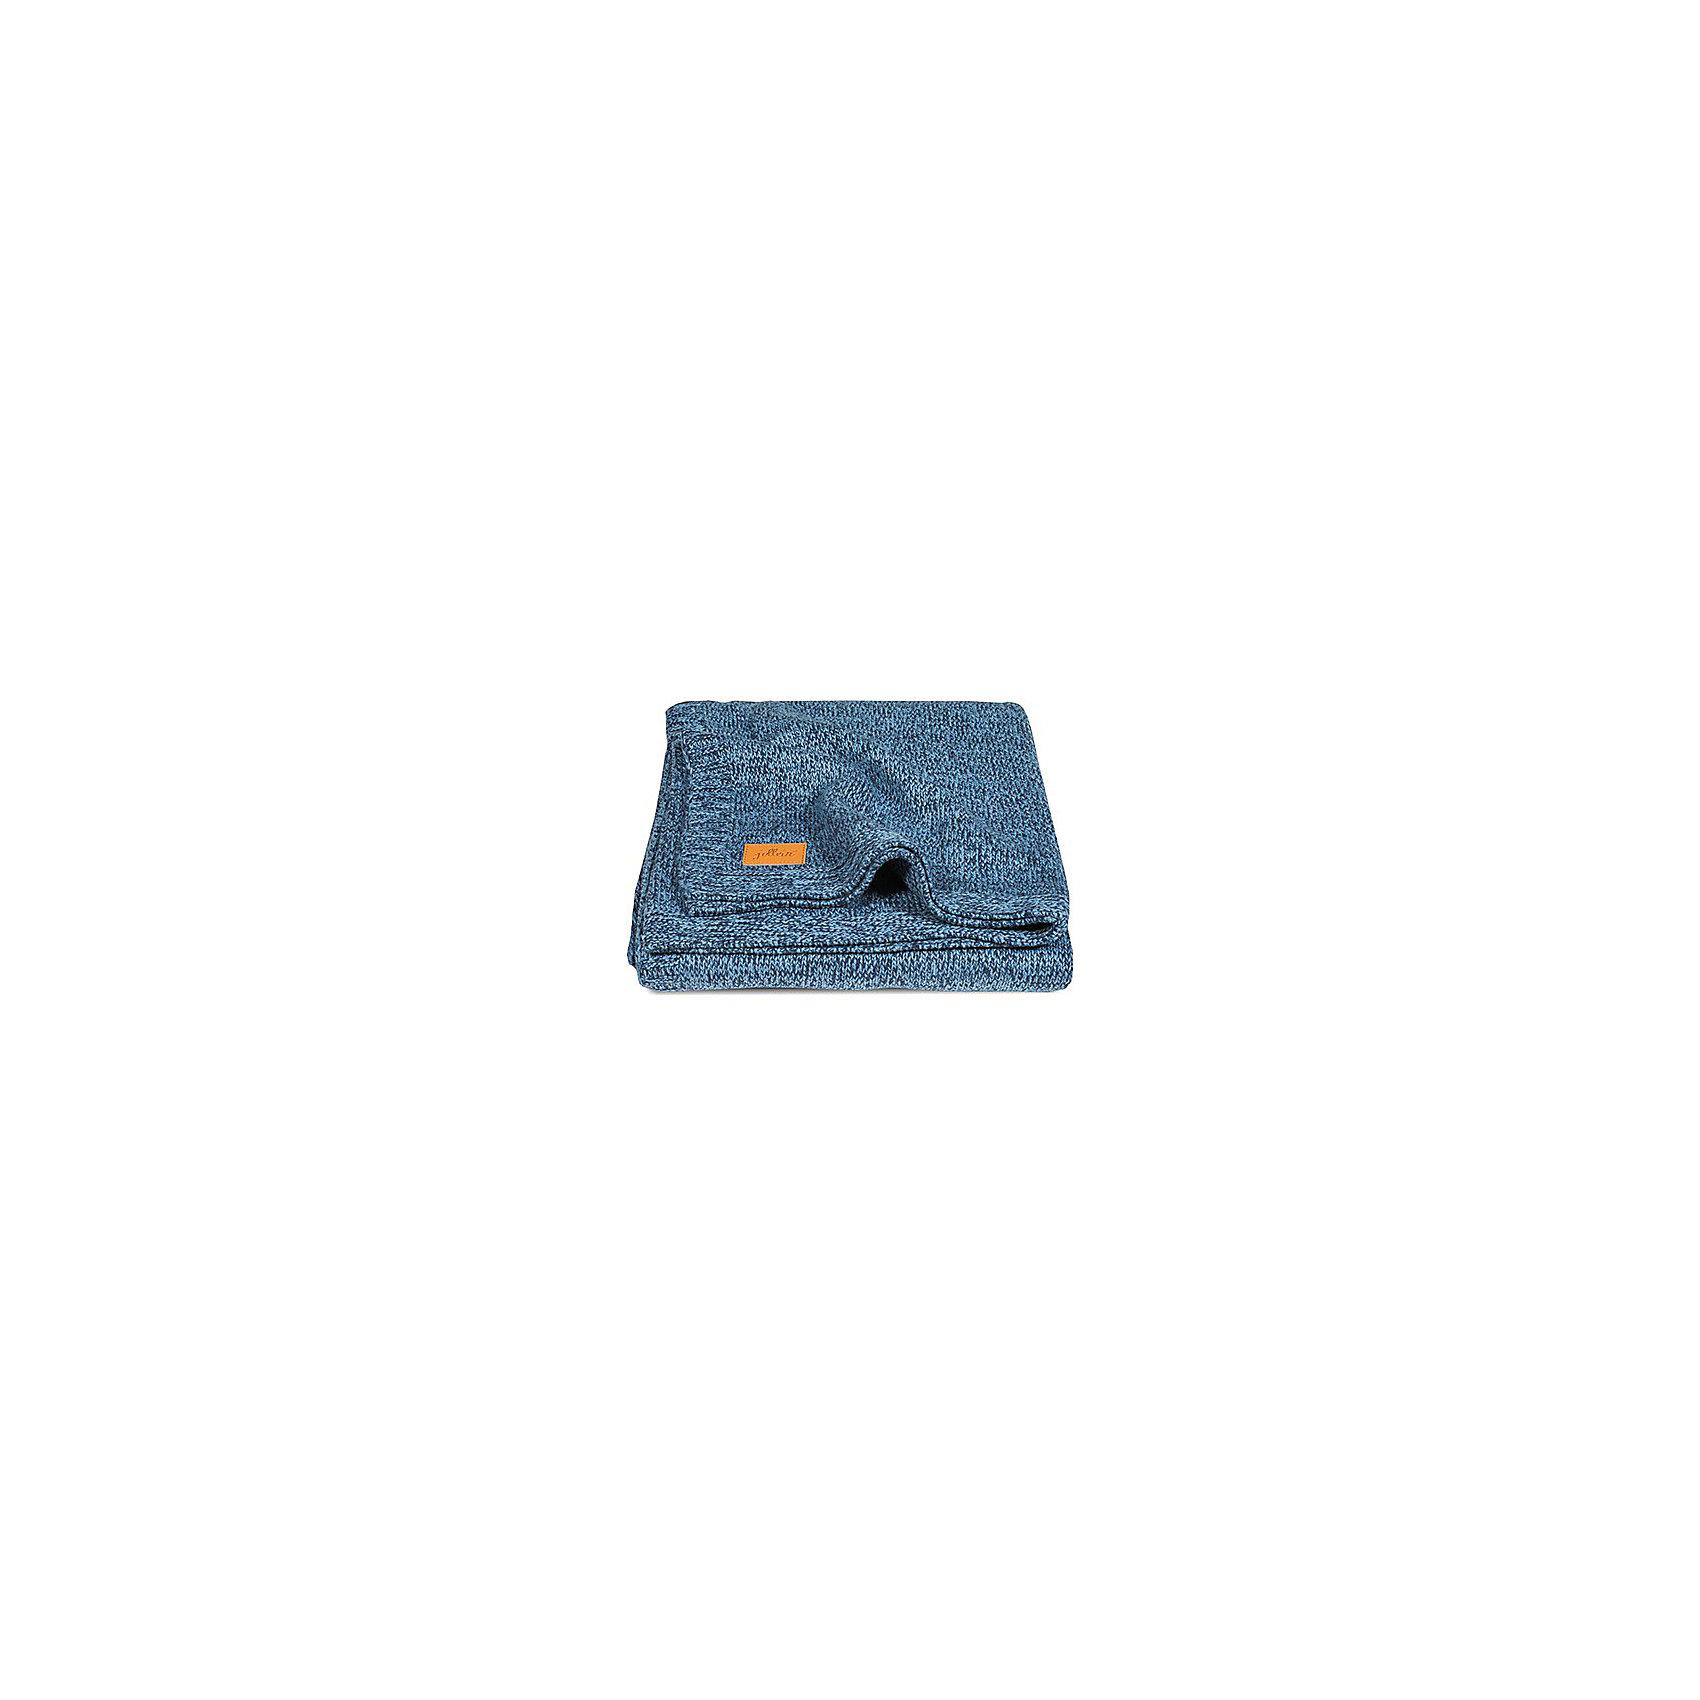 Вязаный плед 100х150 см, Jollein, Stonewashed knit navyХарактеристики:<br><br>• Предназначение: для сна<br>• Пол: для мальчика<br>• Сезон: круглый год<br>• Степень утепления: без утепления<br>• Температурный режим: от +15? С<br>• Цвет: синий меланжевый<br>• Тематика рисунка: без рисунка<br>• Материал: 50% хлопок, 50% акрил<br>• Размер (Ш*Д): 100*150 см<br>• Вес: 650 г<br>• Особенности ухода: машинная или ручная стирка при температуре не более 60 градусов<br><br>Вязаный плед 100х150 см, Jollein, Stonewashed knit navy от торговой марки Жолляйн, которая является признанным лидером среди аналогичных брендов, выпускающих детское постельное белье и текстиль для новорожденных и детей. Продукция этого торгового бренда отличается высоким качеством и дизайнерским стилем. <br><br>Плед выполнен из вязаного полотна, выполненного из сочетания хлопка и акрила, что обеспечивает изделию высокие гигиенические, гигроскопические и гипоаллергенные качества. Благодаря акрилу плед хорошо сохраняет цвет и форму. Имеет легкий вес и компатный размер в сложенном виде, при этом не сминается. <br><br>Плед выполнен в брендовом дизайне: вязаное полотно стильного синего цвета. Вязаный плед 100х150 см, Jollein, Stonewashed knit navy – это плед, который подарит тепло, уют и роскошь классического стиля!<br><br>Вязаный плед 100х150 см, Jollein, Stonewashed knit navy можно купить в нашем интернет-магазине.<br><br>Ширина мм: 250<br>Глубина мм: 250<br>Высота мм: 25<br>Вес г: 650<br>Возраст от месяцев: 0<br>Возраст до месяцев: 36<br>Пол: Мужской<br>Возраст: Детский<br>SKU: 5367164